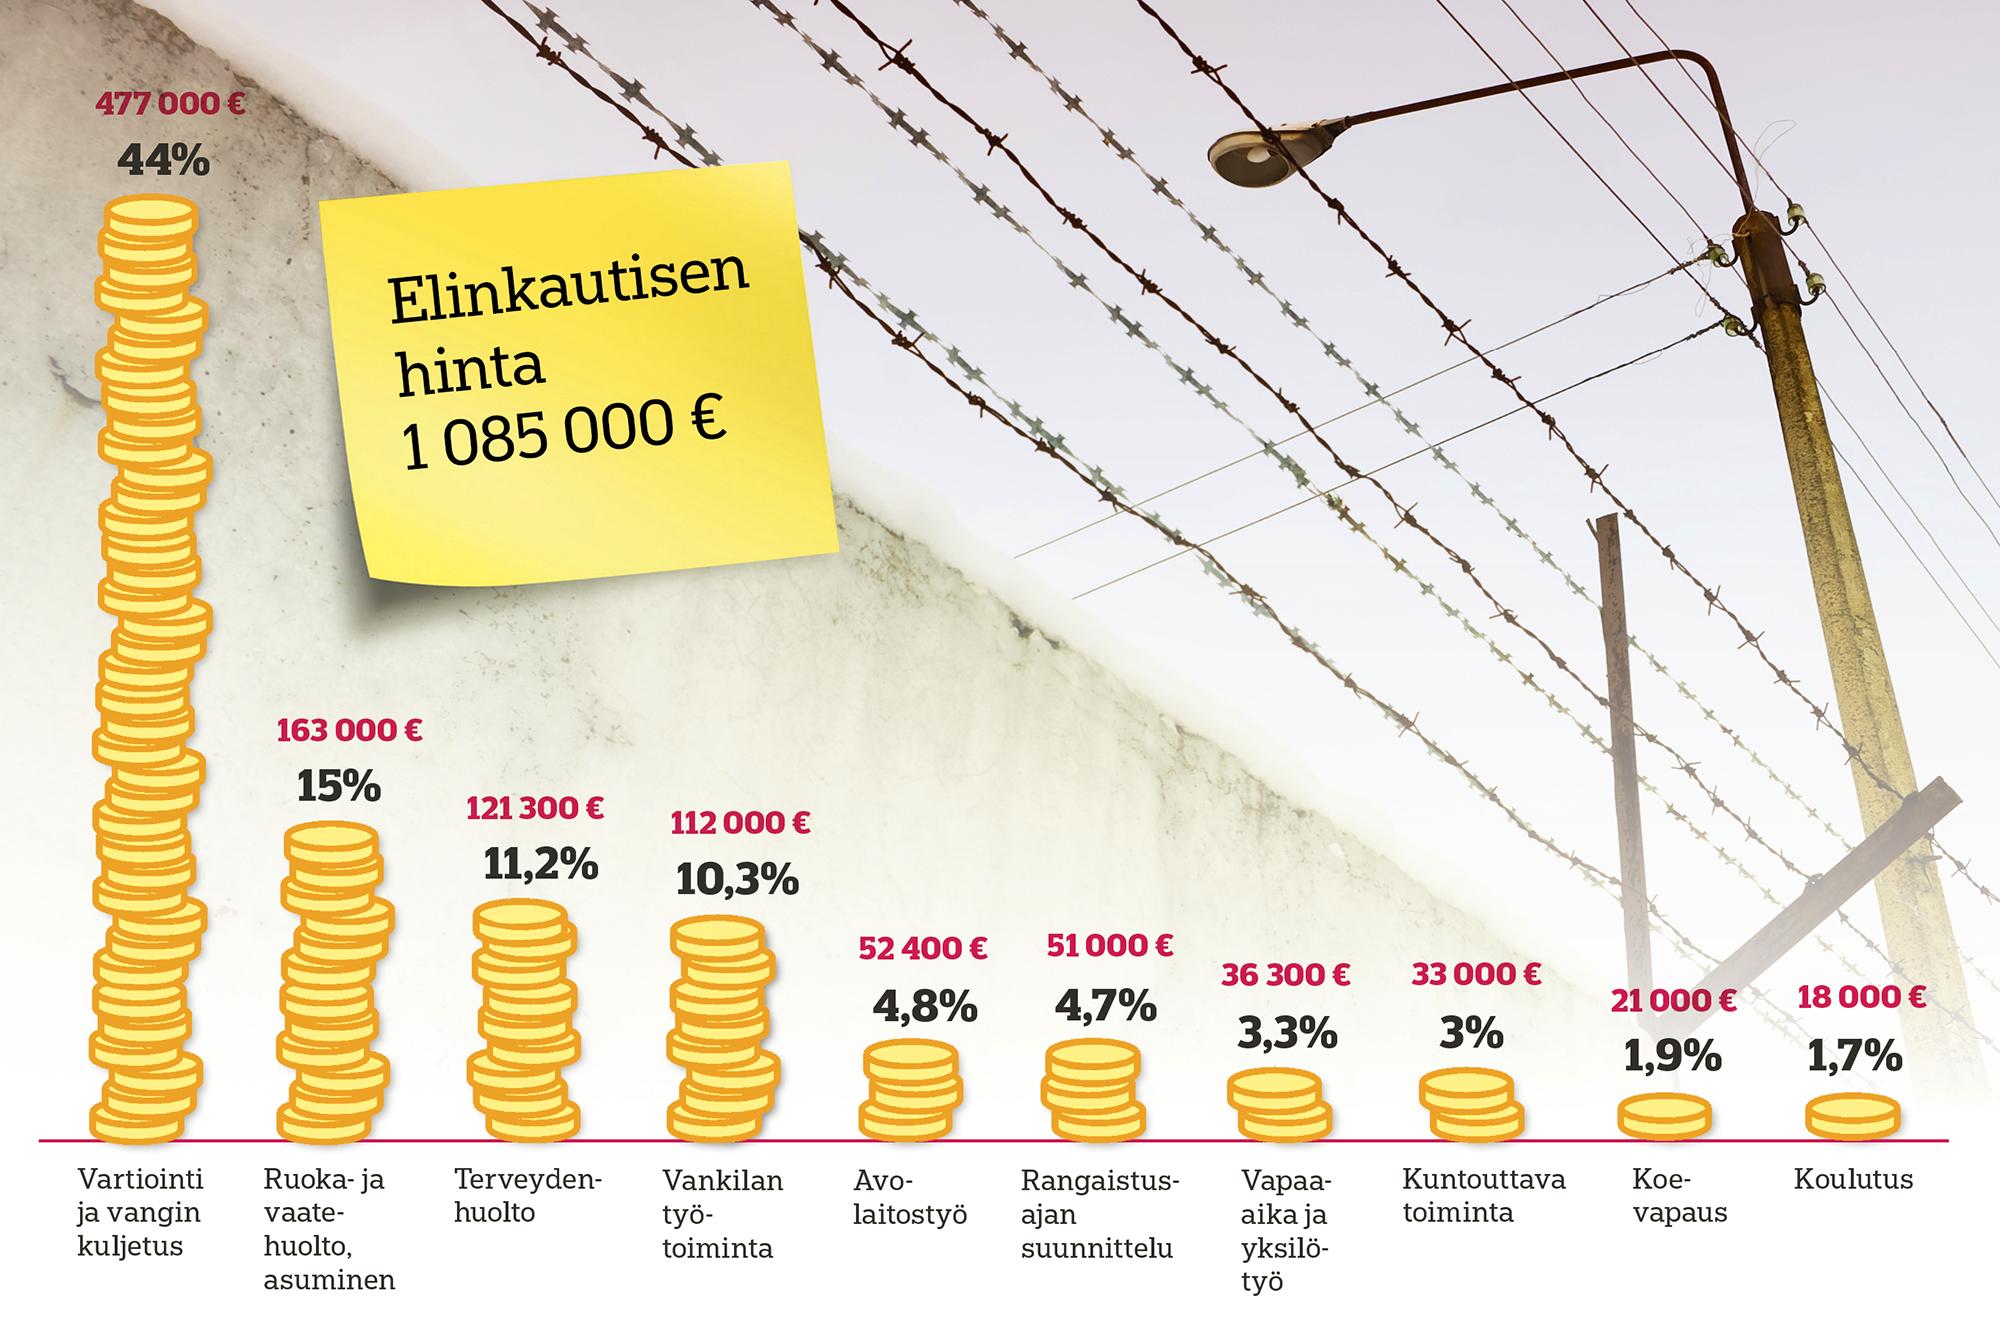 Elinkautinen vankeustuomio kestää keskimäärin 15 vuotta. Sitä seuraa aina kolmen vuoden ehdonalainen vapaus, jonka kustannukset ovat noin 9 000 euroa. Grafiikka: Tinka Lindroth/Otavamedian visualistiryhmä.